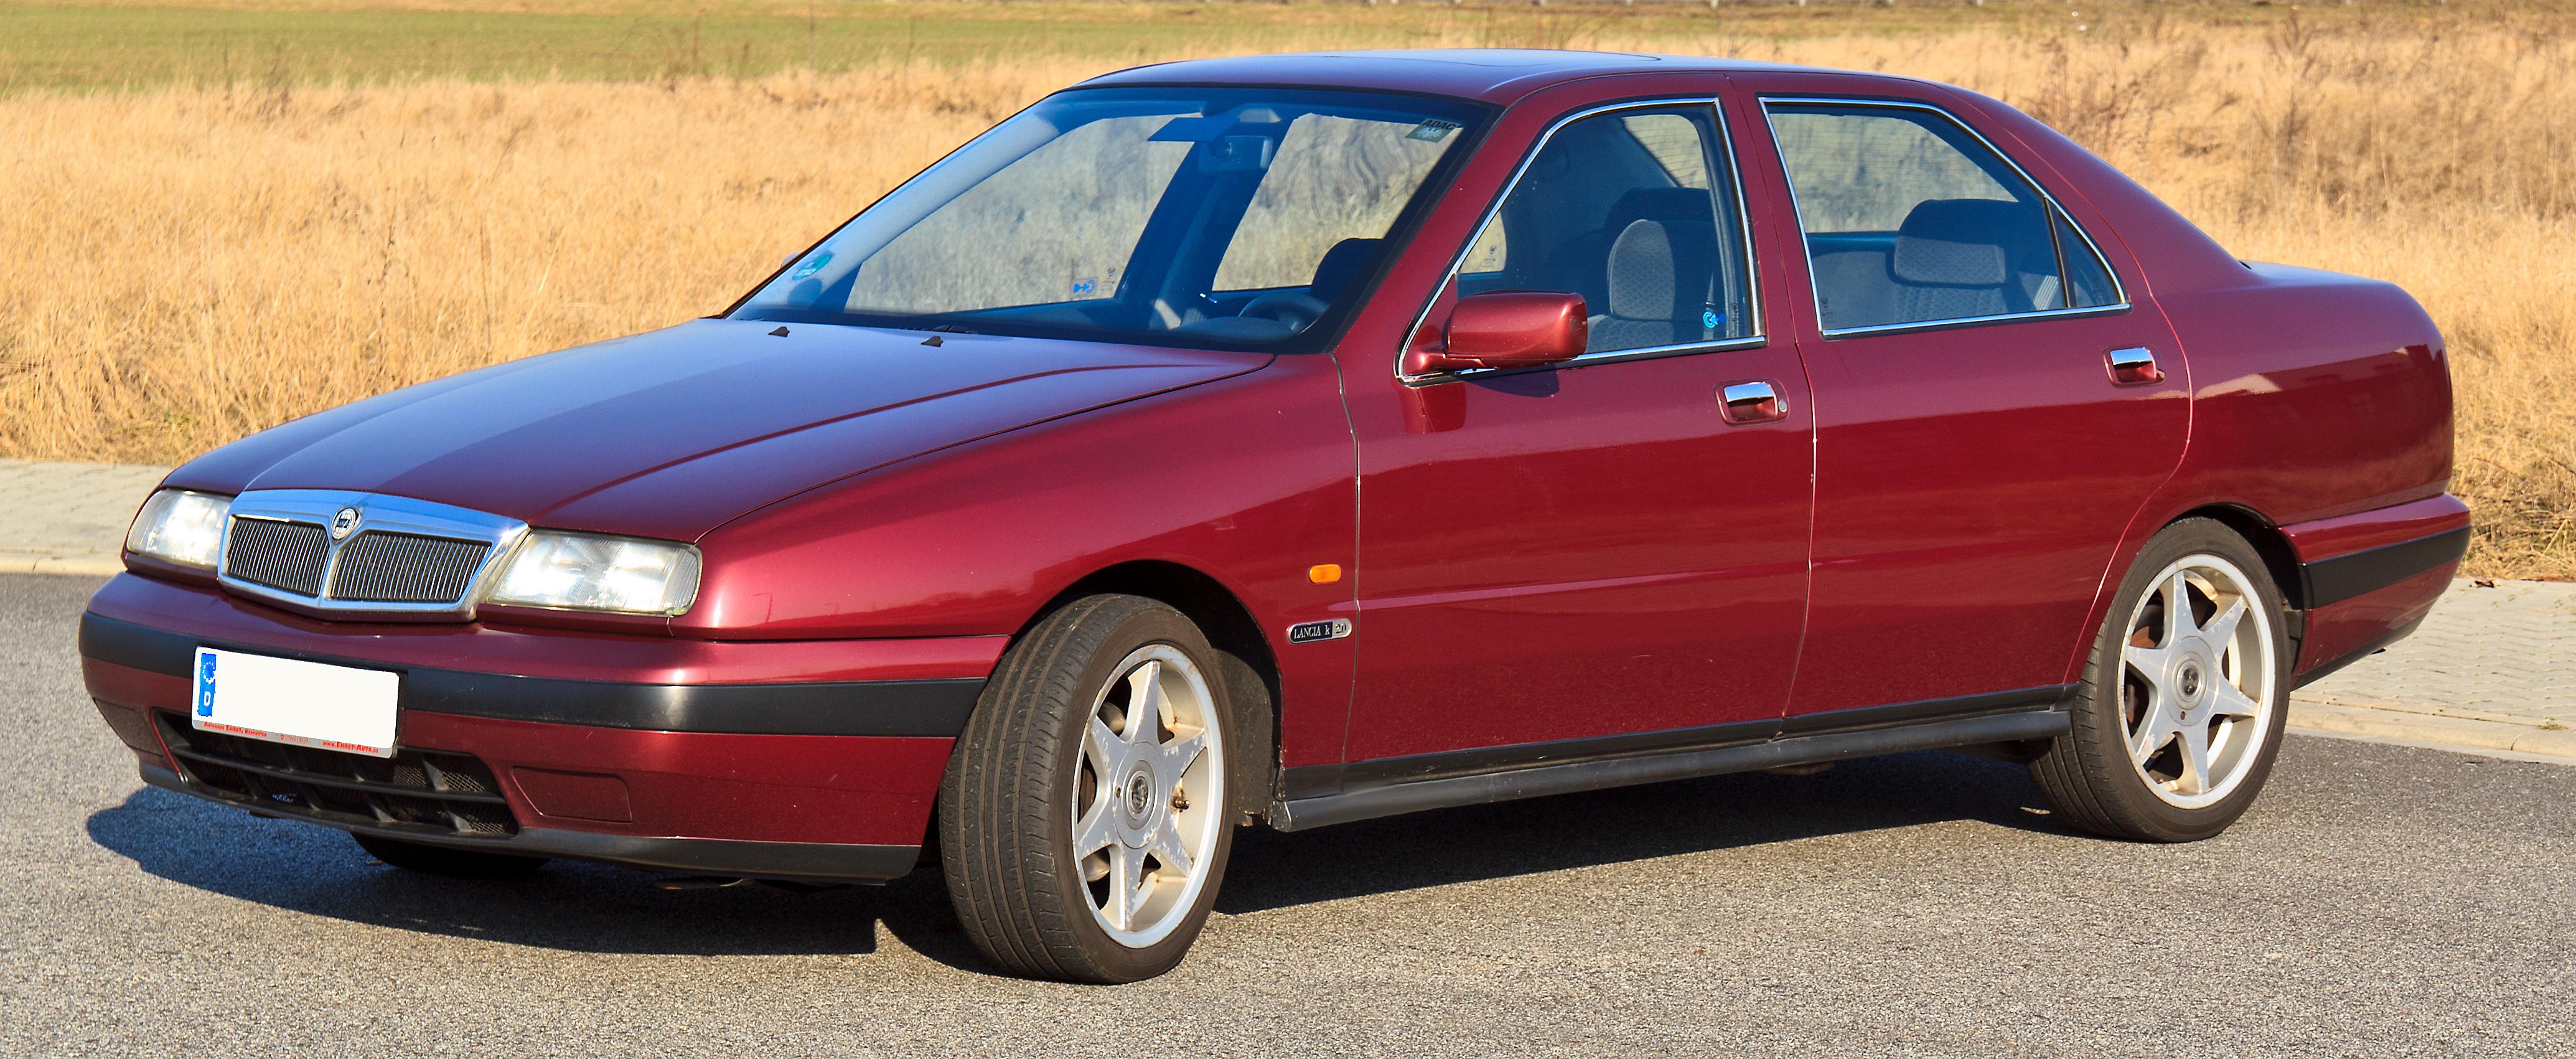 Lancia Kappa czy Renault Clio I 16v, kt�re �adniejsze?